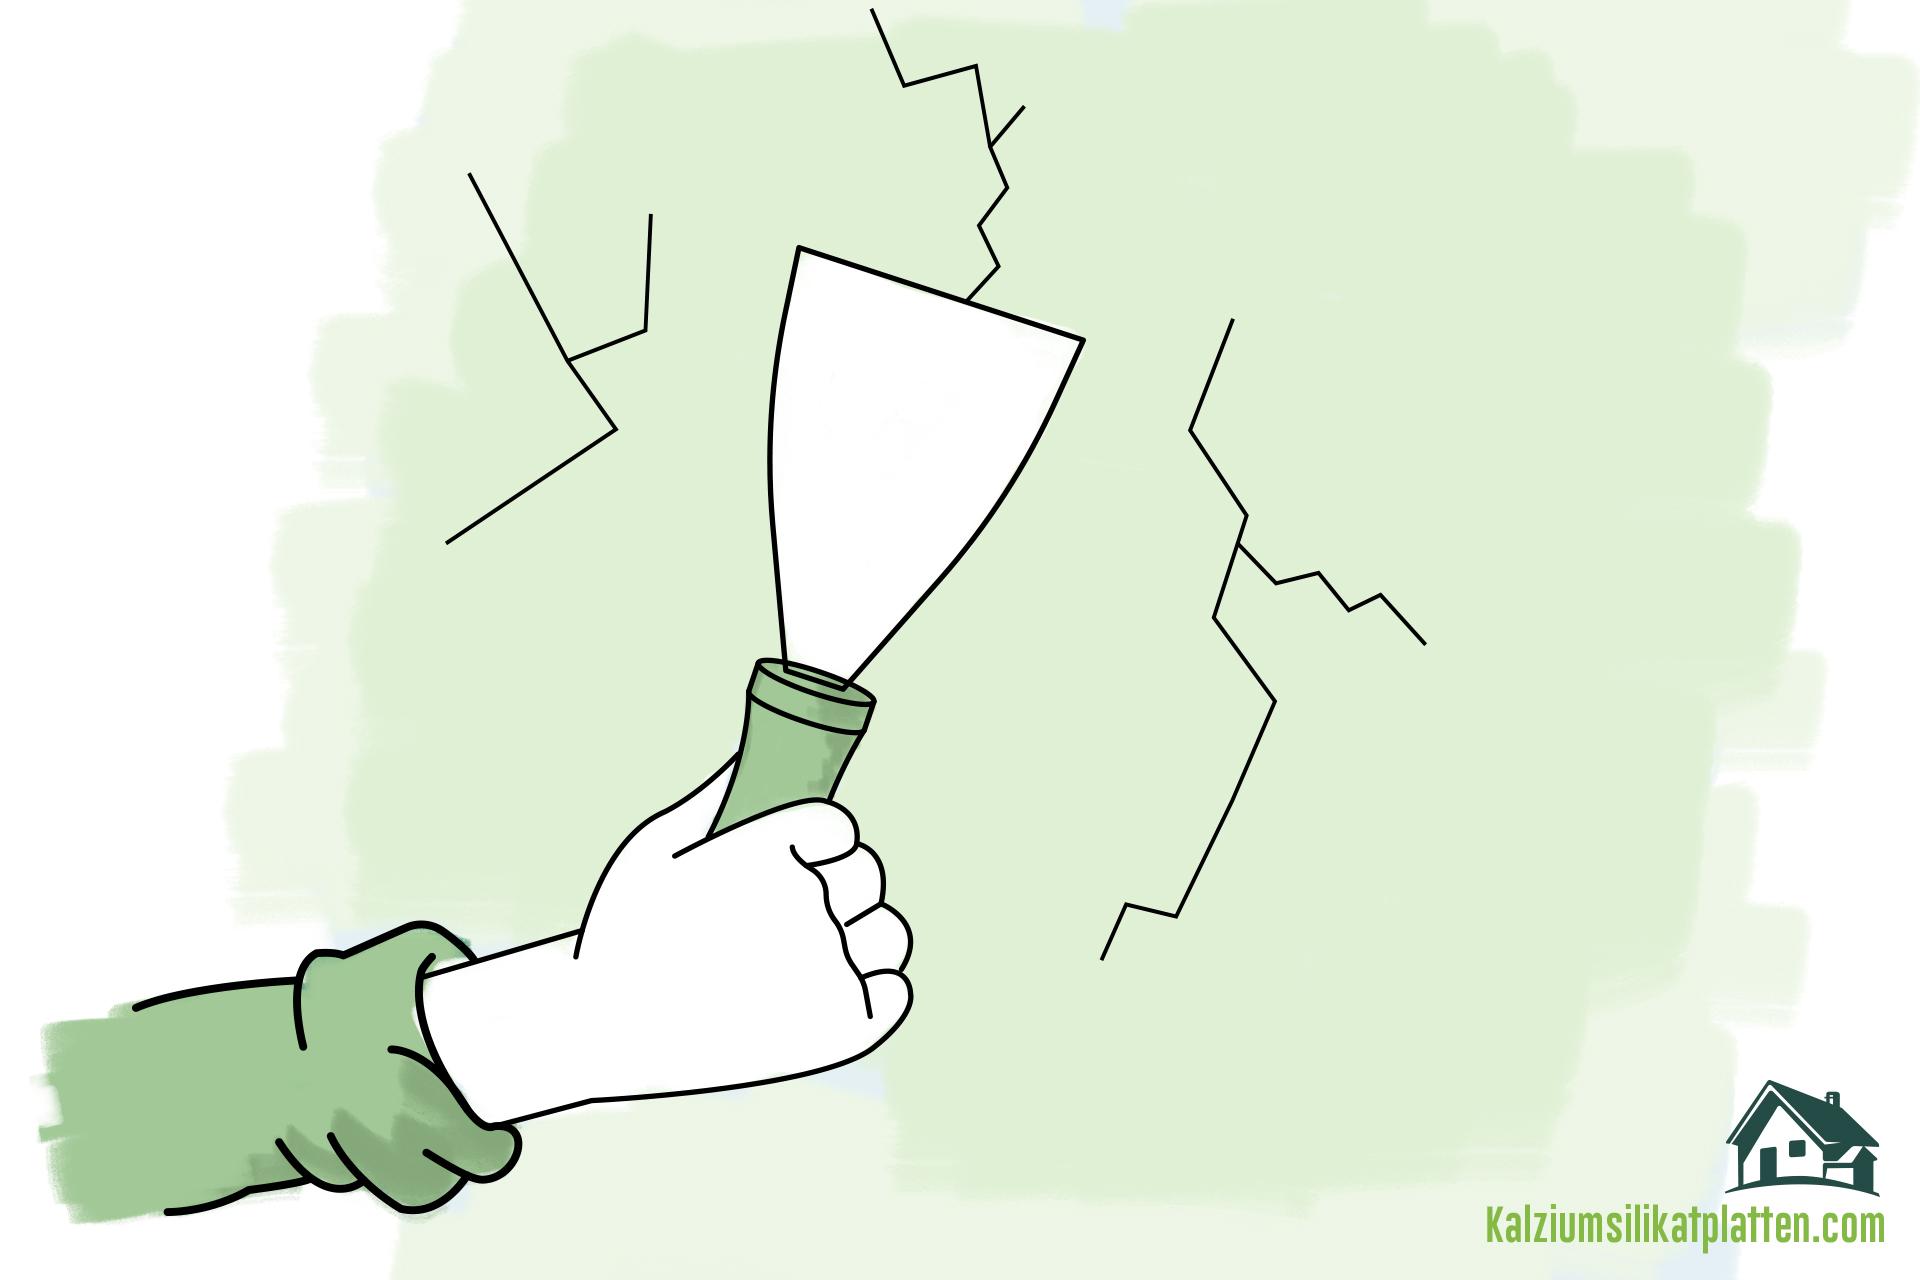 Anleitung zur Verarbeitung von Kalziumsilikatplatten: Wand glätten und Unebenheiten beseitigen